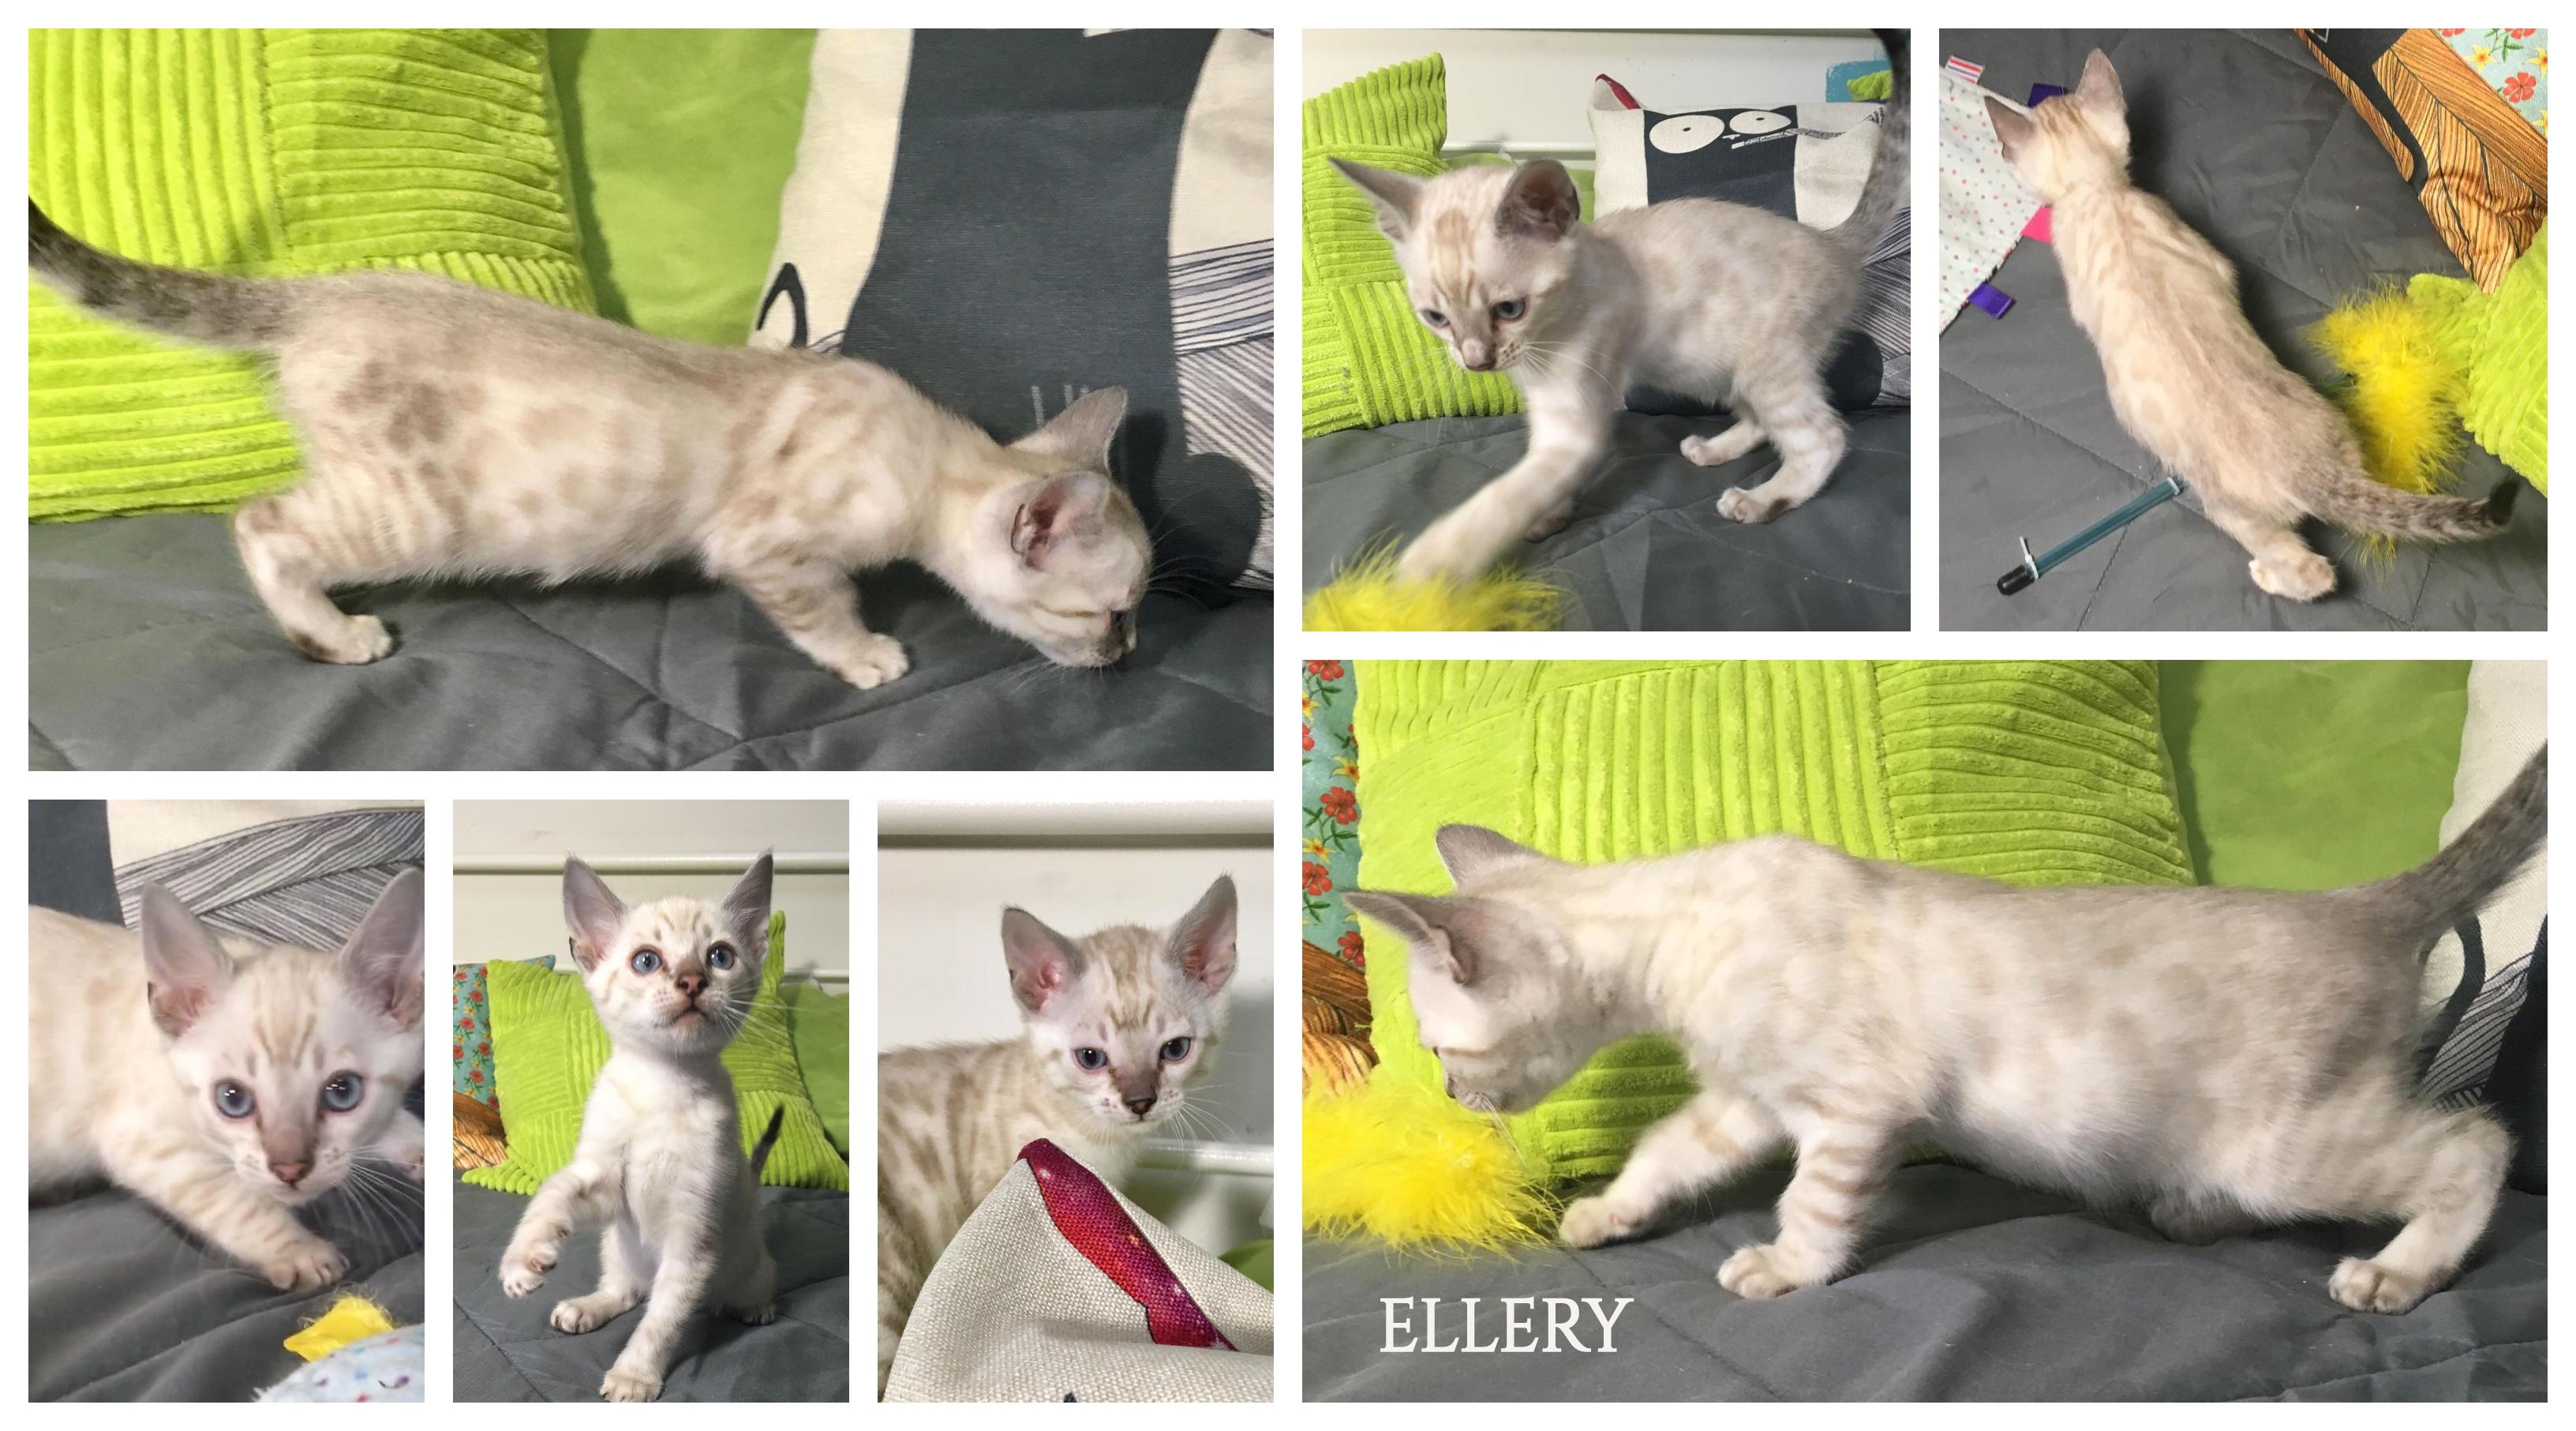 Ellery 8 weeks